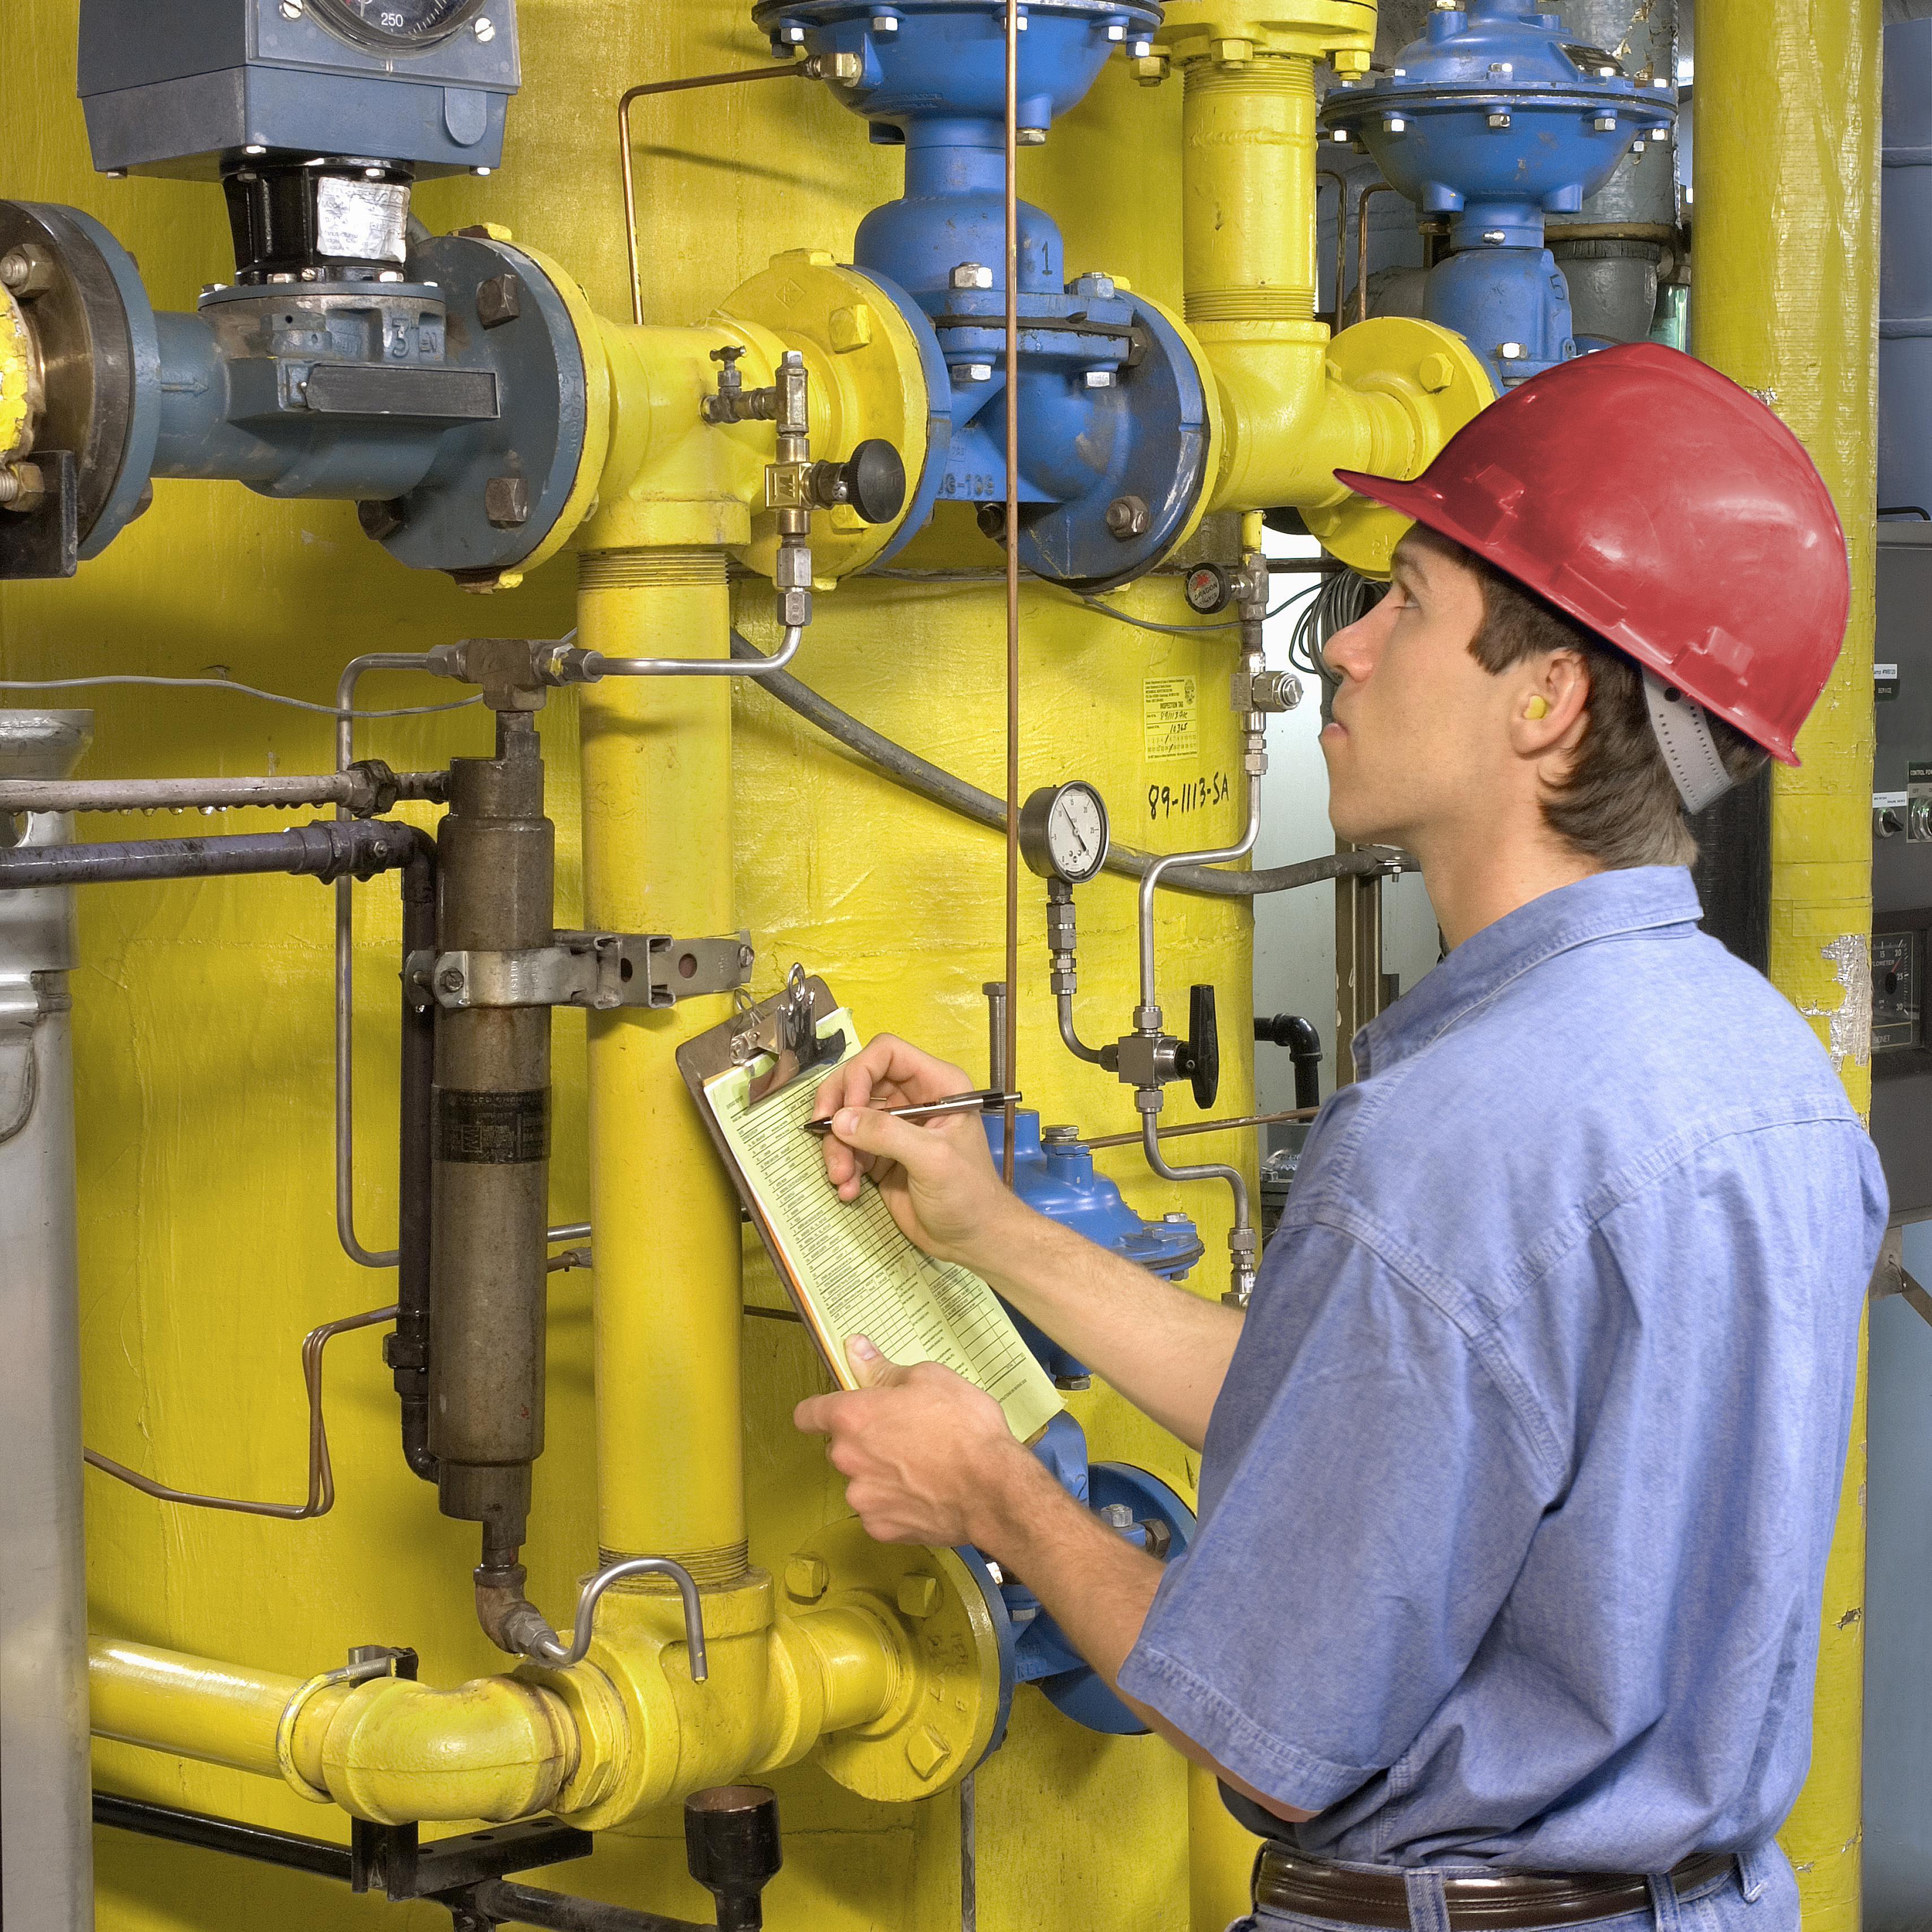 Ein Ingenieur kann Tests an mechanischen Geräten durchführen.